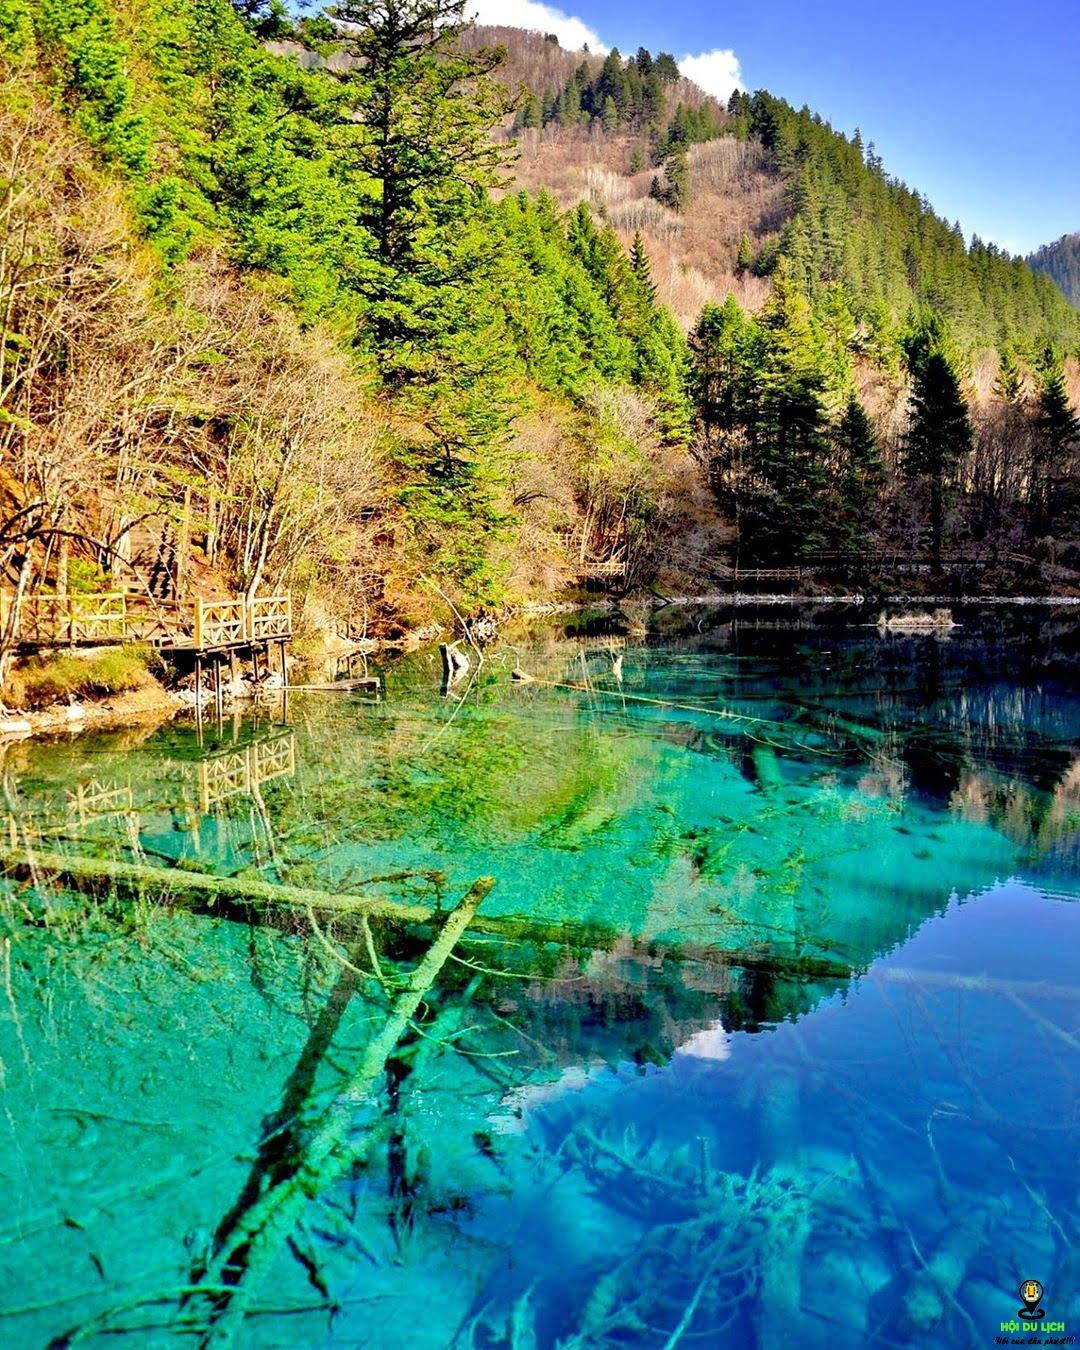 Thung lũng Jiuzhaigou - địa điểm du lịch lý tưởng